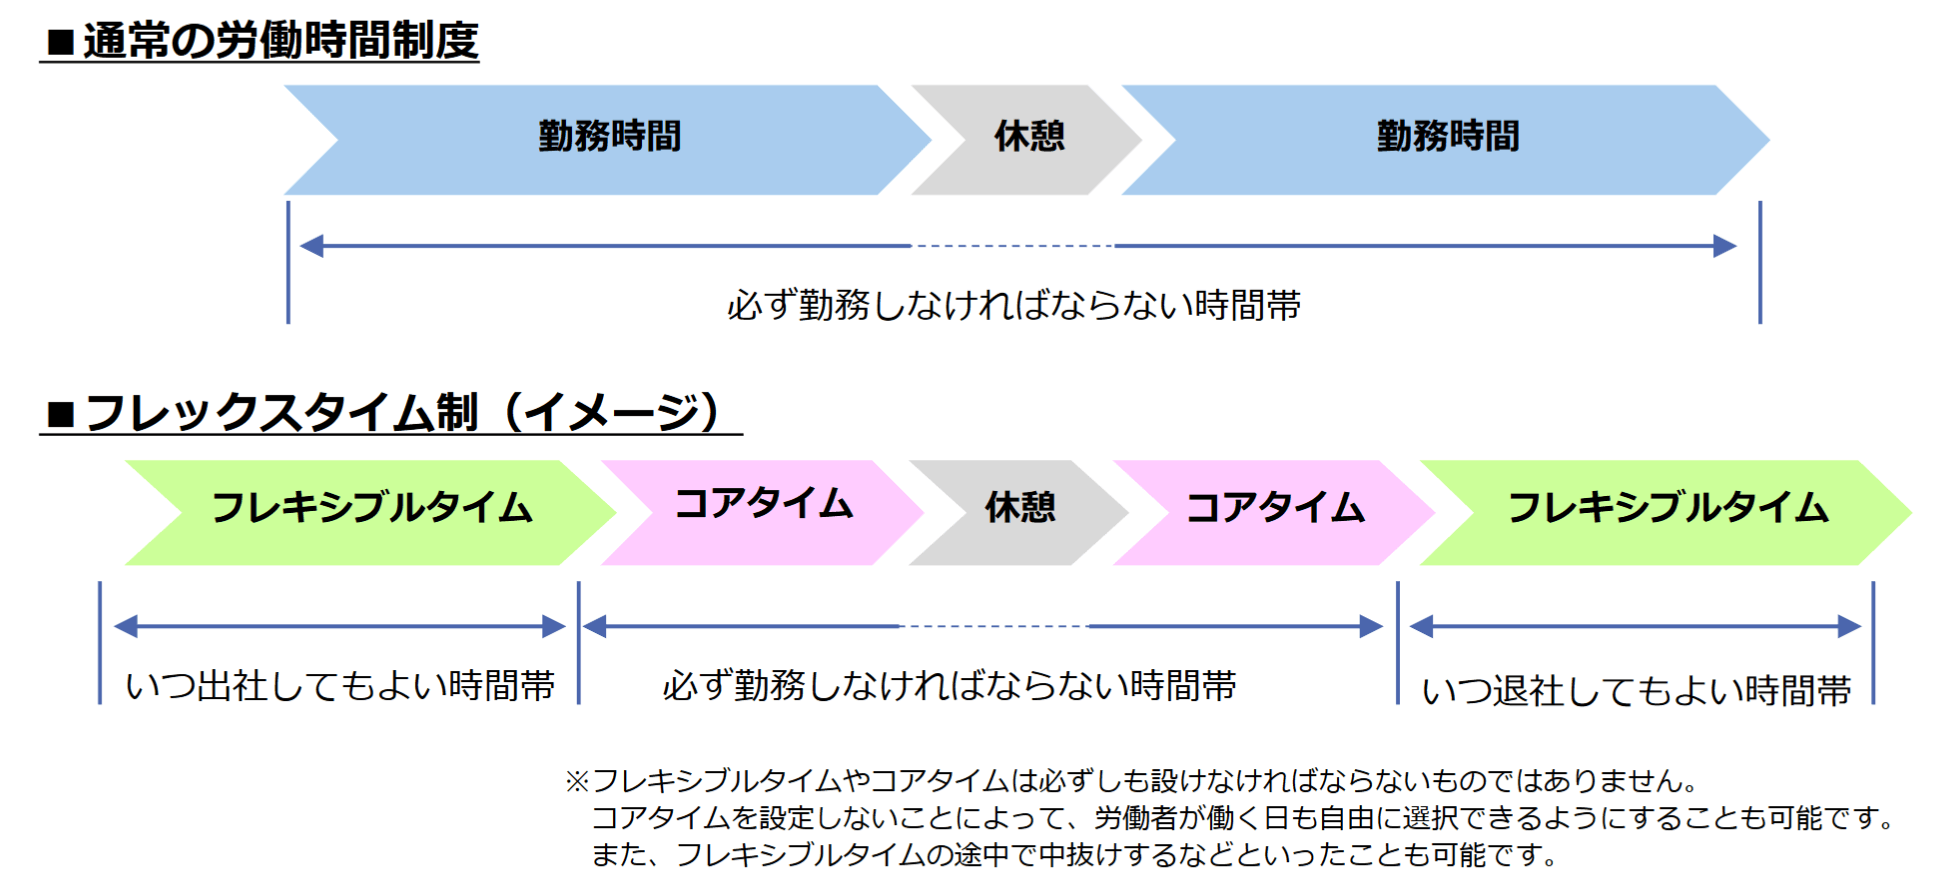 フレックスタイム制のイメージ